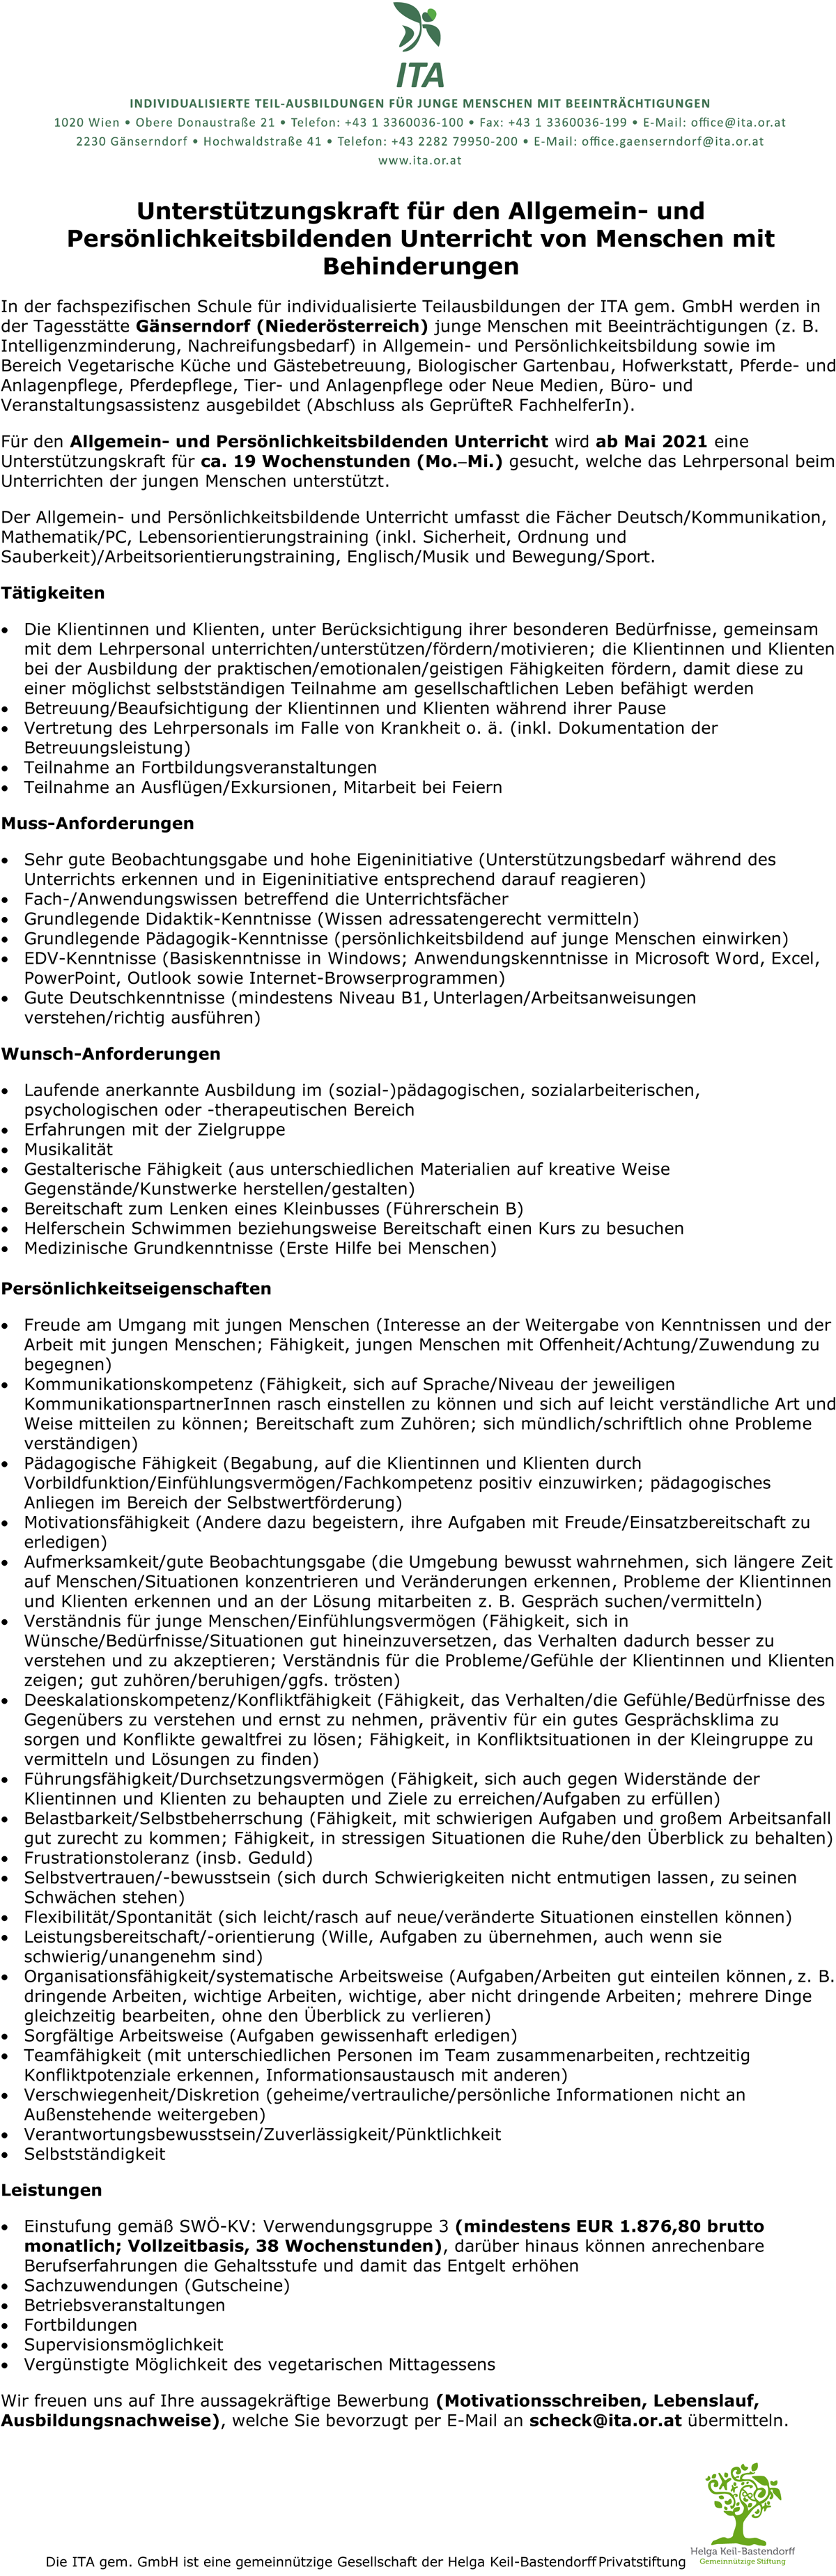 In der fachspezifischen Schule für individualisierte Teilausbildungen der ITA gern. GmbH werden in der Tagesstätte Gänserndorf (Niederösterreich) junge Menschen mit Beeinträchtigungen (z. B. Intelligenzminderung, Nachreifungsbedarf) in Allgemein- und Persönlichkeitsbildung sowie im Bereich Vegetarische Küche und Gästebetreuung, Biologischer Gartenbau, Hofwerkstatt, Pferde- und Anlagenpflege, Pferdepflege, Tier- und Anlagenpflege oder Neue Medien, Büro- und Veranstaltungsassistenz ausgebildet (Abschluss als GeprüfteR Fachhelferln). Für den Allgemein- und Persönlichkeitsbildenden Unterricht wird ab Mai 2021 eine Unterstützungskraft für ca. 19 Wochenstunden (Mo.-Mi.) gesucht, welche das Lehrpersonal beim Unterrichten der jungen Menschen unterstützt. Der Allgemein- und Persönlichkeitsbildende Unterricht umfasst die Fächer Deutsch/Kommunikation, Mathematik/PC, Lebensorientierungstraining (inkl. Sicherheit, Ordnung und Sauberkeit)/Arbeitsorientierungstraining, Englisch/Musik und Bewegung/Sport. Tätigkeiten • Die Klientinnen und Klienten, unter Berücksichtigung ihrer besonderen Bedürfnisse, gemeinsam mit dem Lehrpersonal unterrichten/unterstützen/fördern/motivieren; die Klientinnen und Klienten bei der Ausbildung der praktischen/emotionalen/geistigen Fähigkeiten fördern, damit diese zu einer möglichst selbstständigen Teilnahme am gesellschaftlichen Leben befähigt werden • Betreuung/Beaufsichtigung der Klientinnen und Klienten während ihrer Pause • Vertretung des Lehrpersonals im Falle von Krankheit o. ä. (inkl. Dokumentation der Betreuungsleistung) • Teilnahme an Fortbildungsveranstaltungen • Teilnahme an Ausflügen/Exkursionen, Mitarbeit bei Feiern Muss-Anforderungen • Sehr gute Beobachtungsgabe und hohe Eigeninitiative (Unterstützungsbedarf während des Unterrichts erkennen und in Eigeninitiative entsprechend darauf reagieren) • Fach-/Anwendungswissen betreffend die Unterrichtsfächer • Grundlegende Didaktik-Kenntnisse (Wissen adressatengerecht vermitteln) • Grundlegende Pä